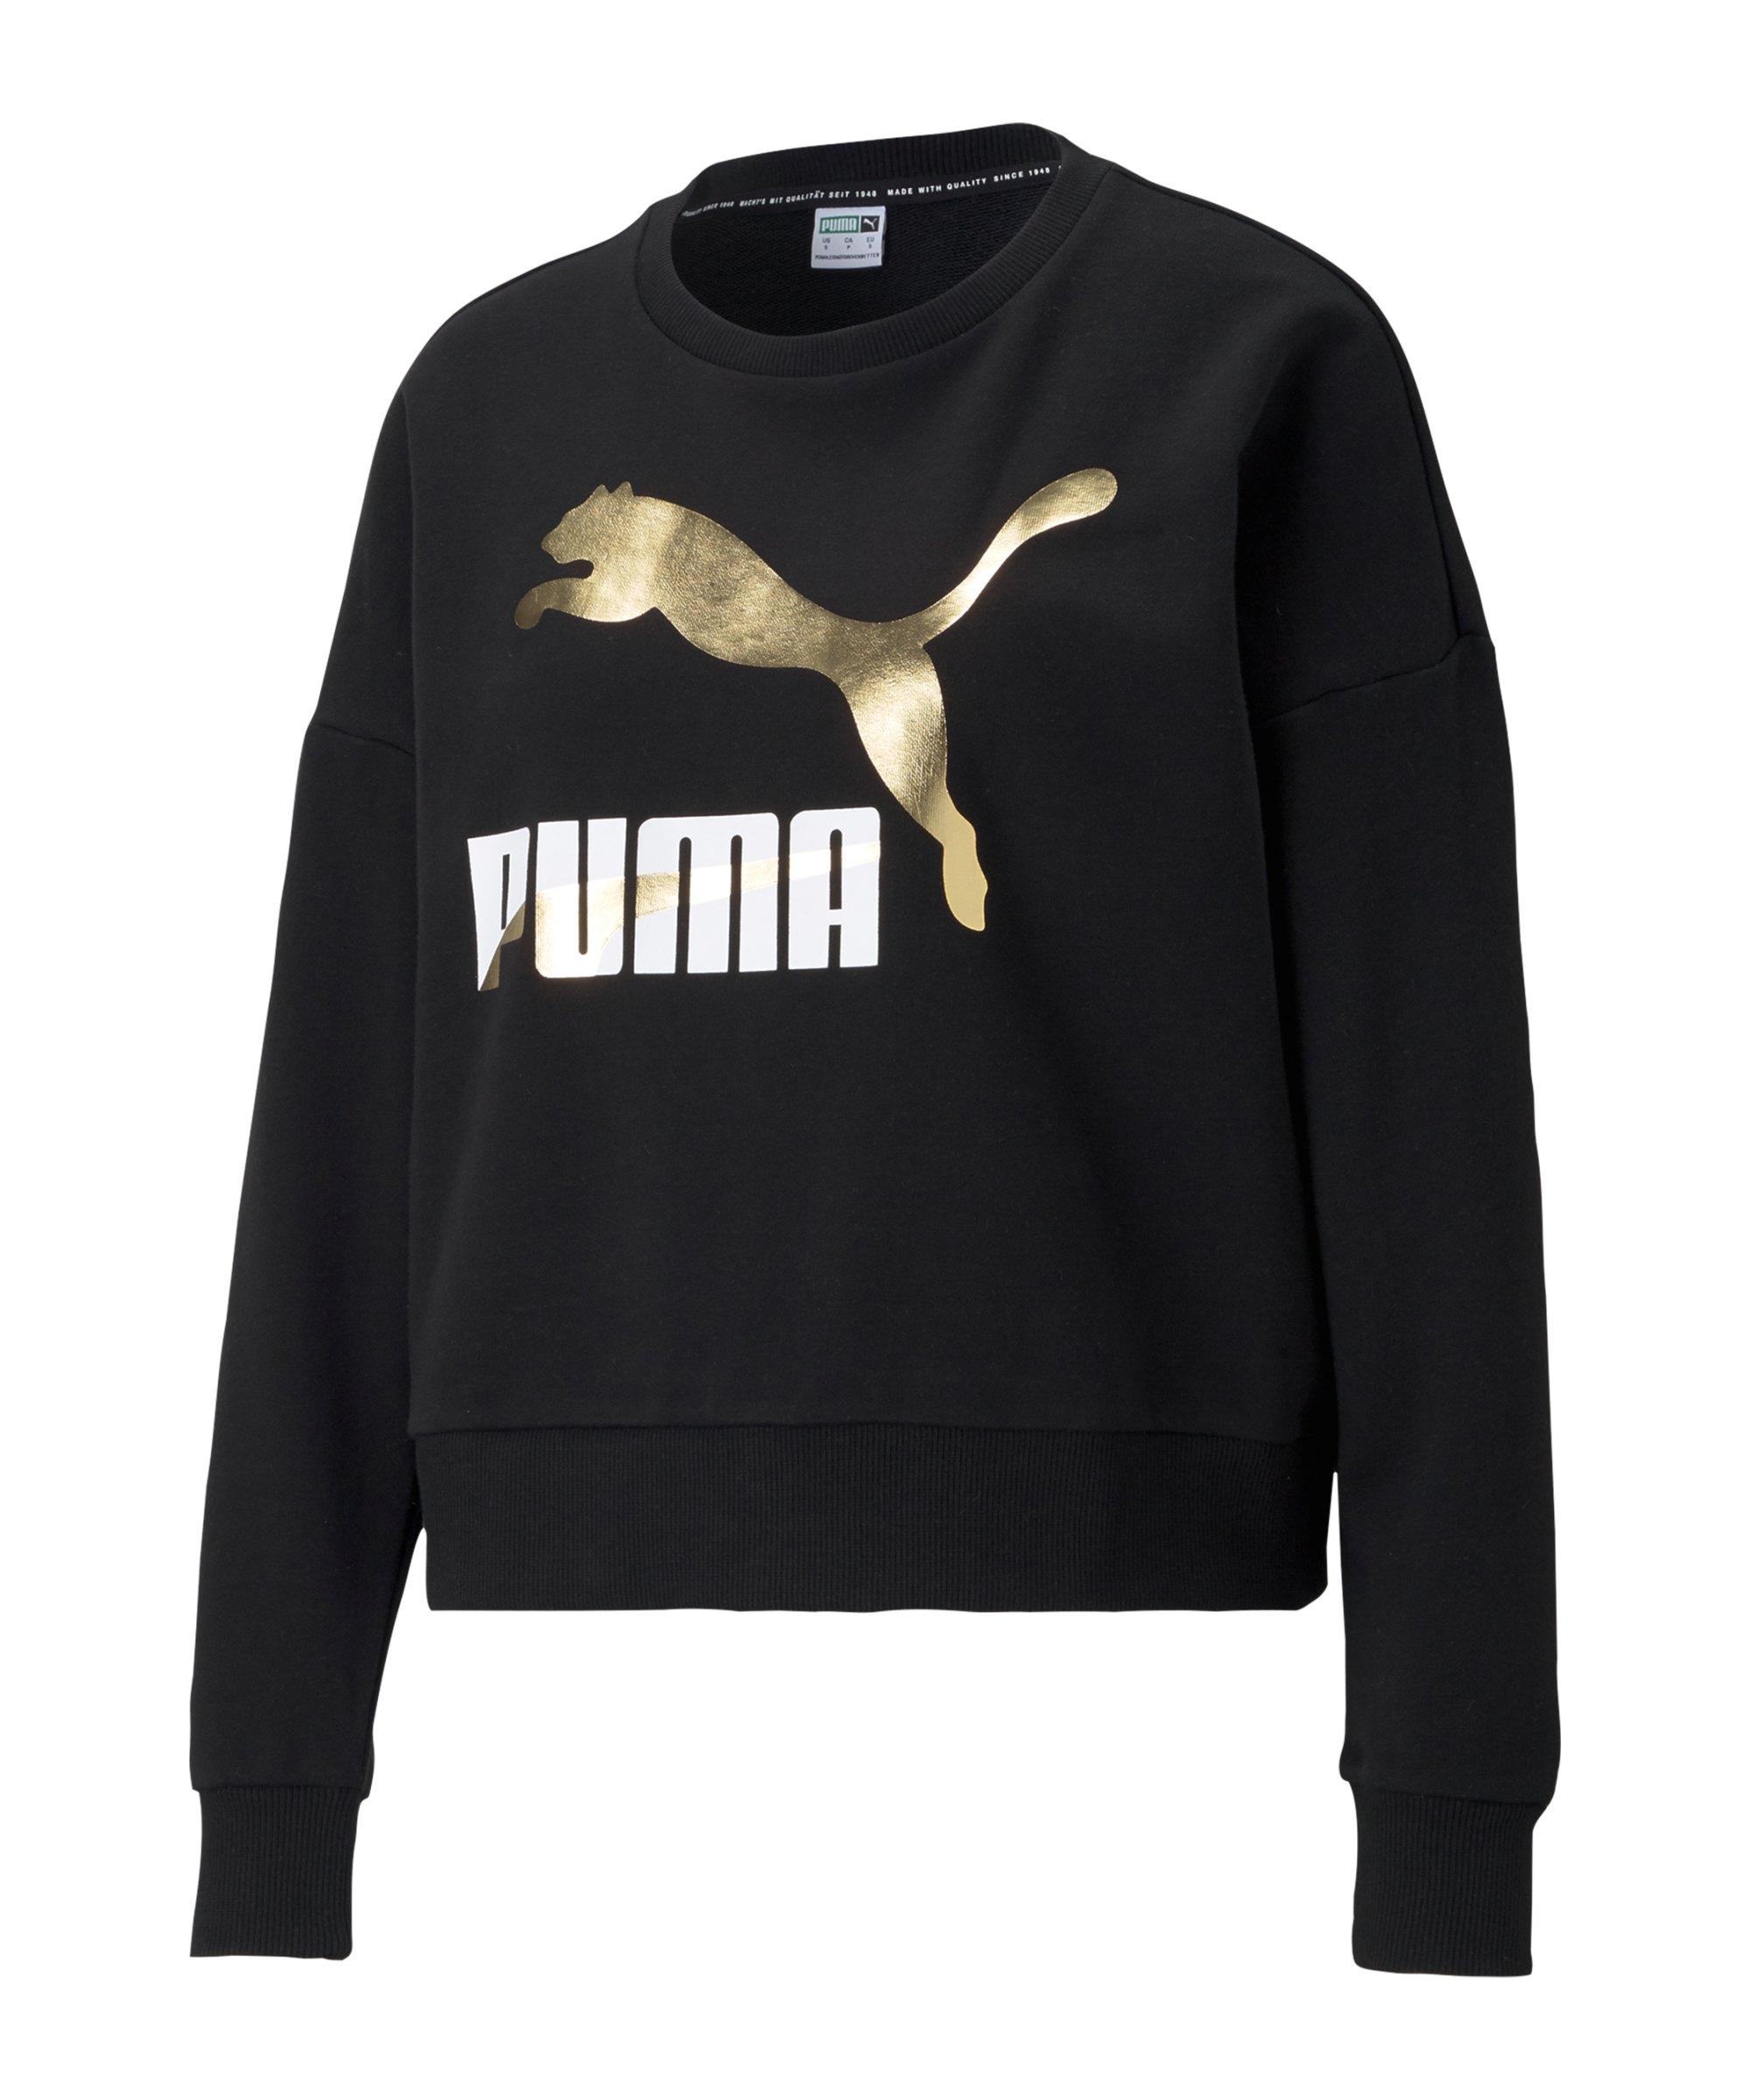 PUMA Classics Logo Crew Sweatshirt Damen F51 - schwarz